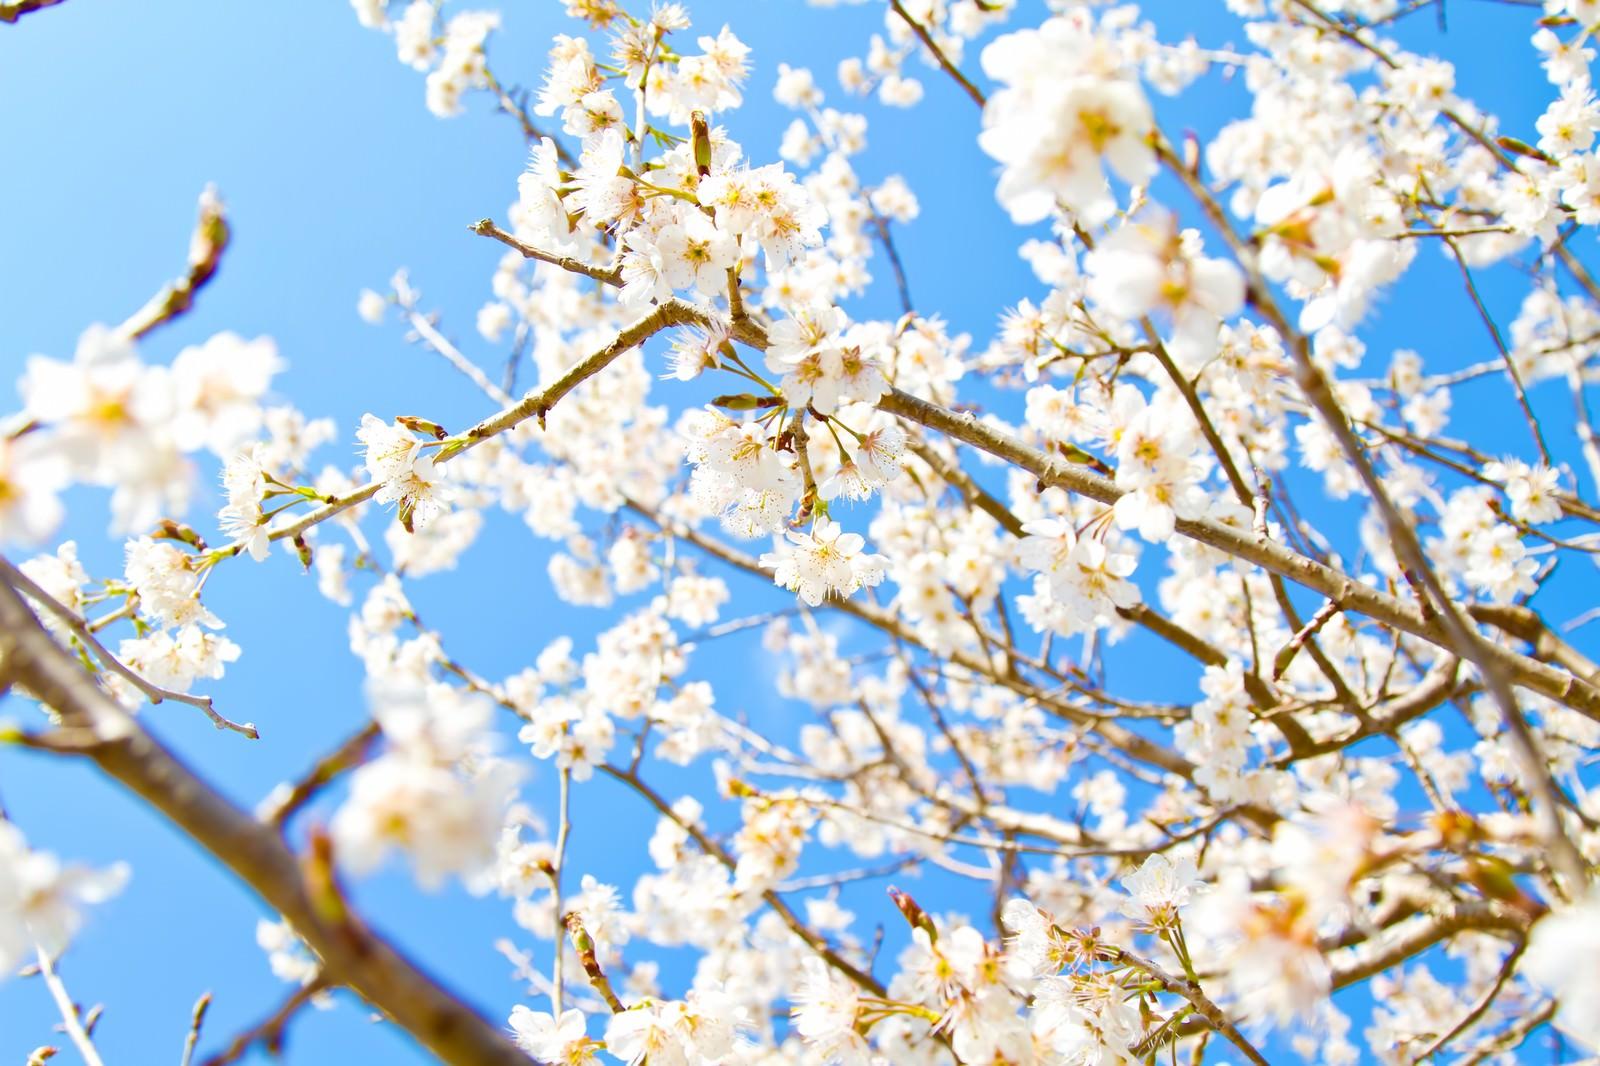 「青空と白い桜」の写真